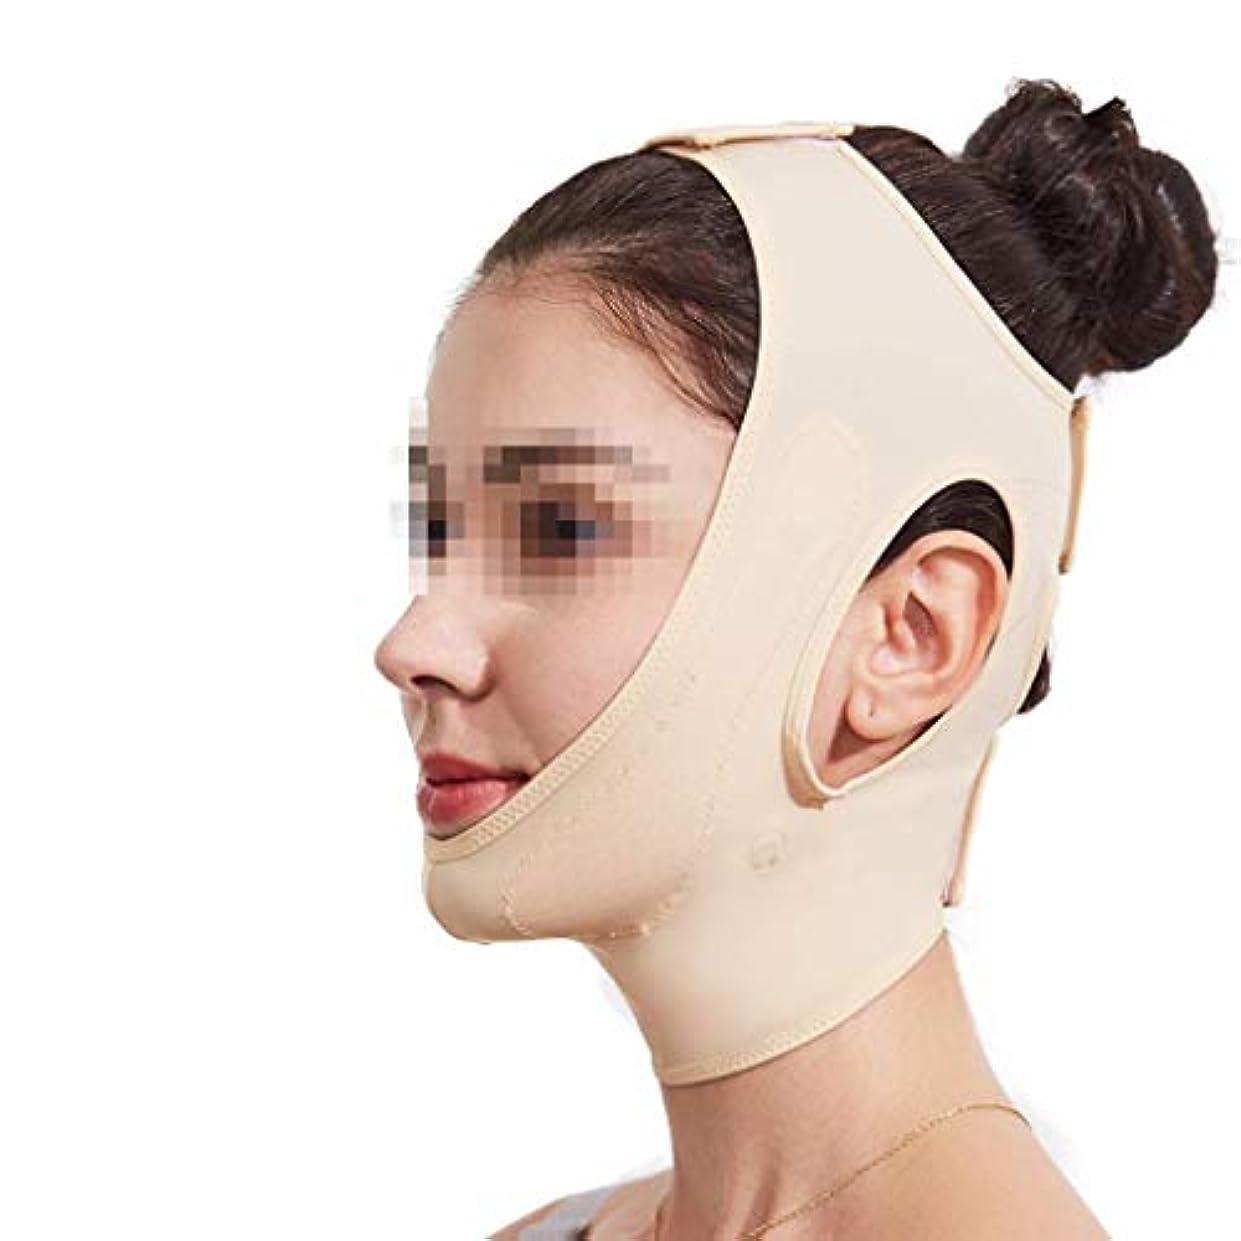 適用済みアトムポーチフェイスリフティング包帯、フェイスマスクフェイスリフトチン快適なフェイスマルチカラーオプション(カラー:ブラック),肌の色合い